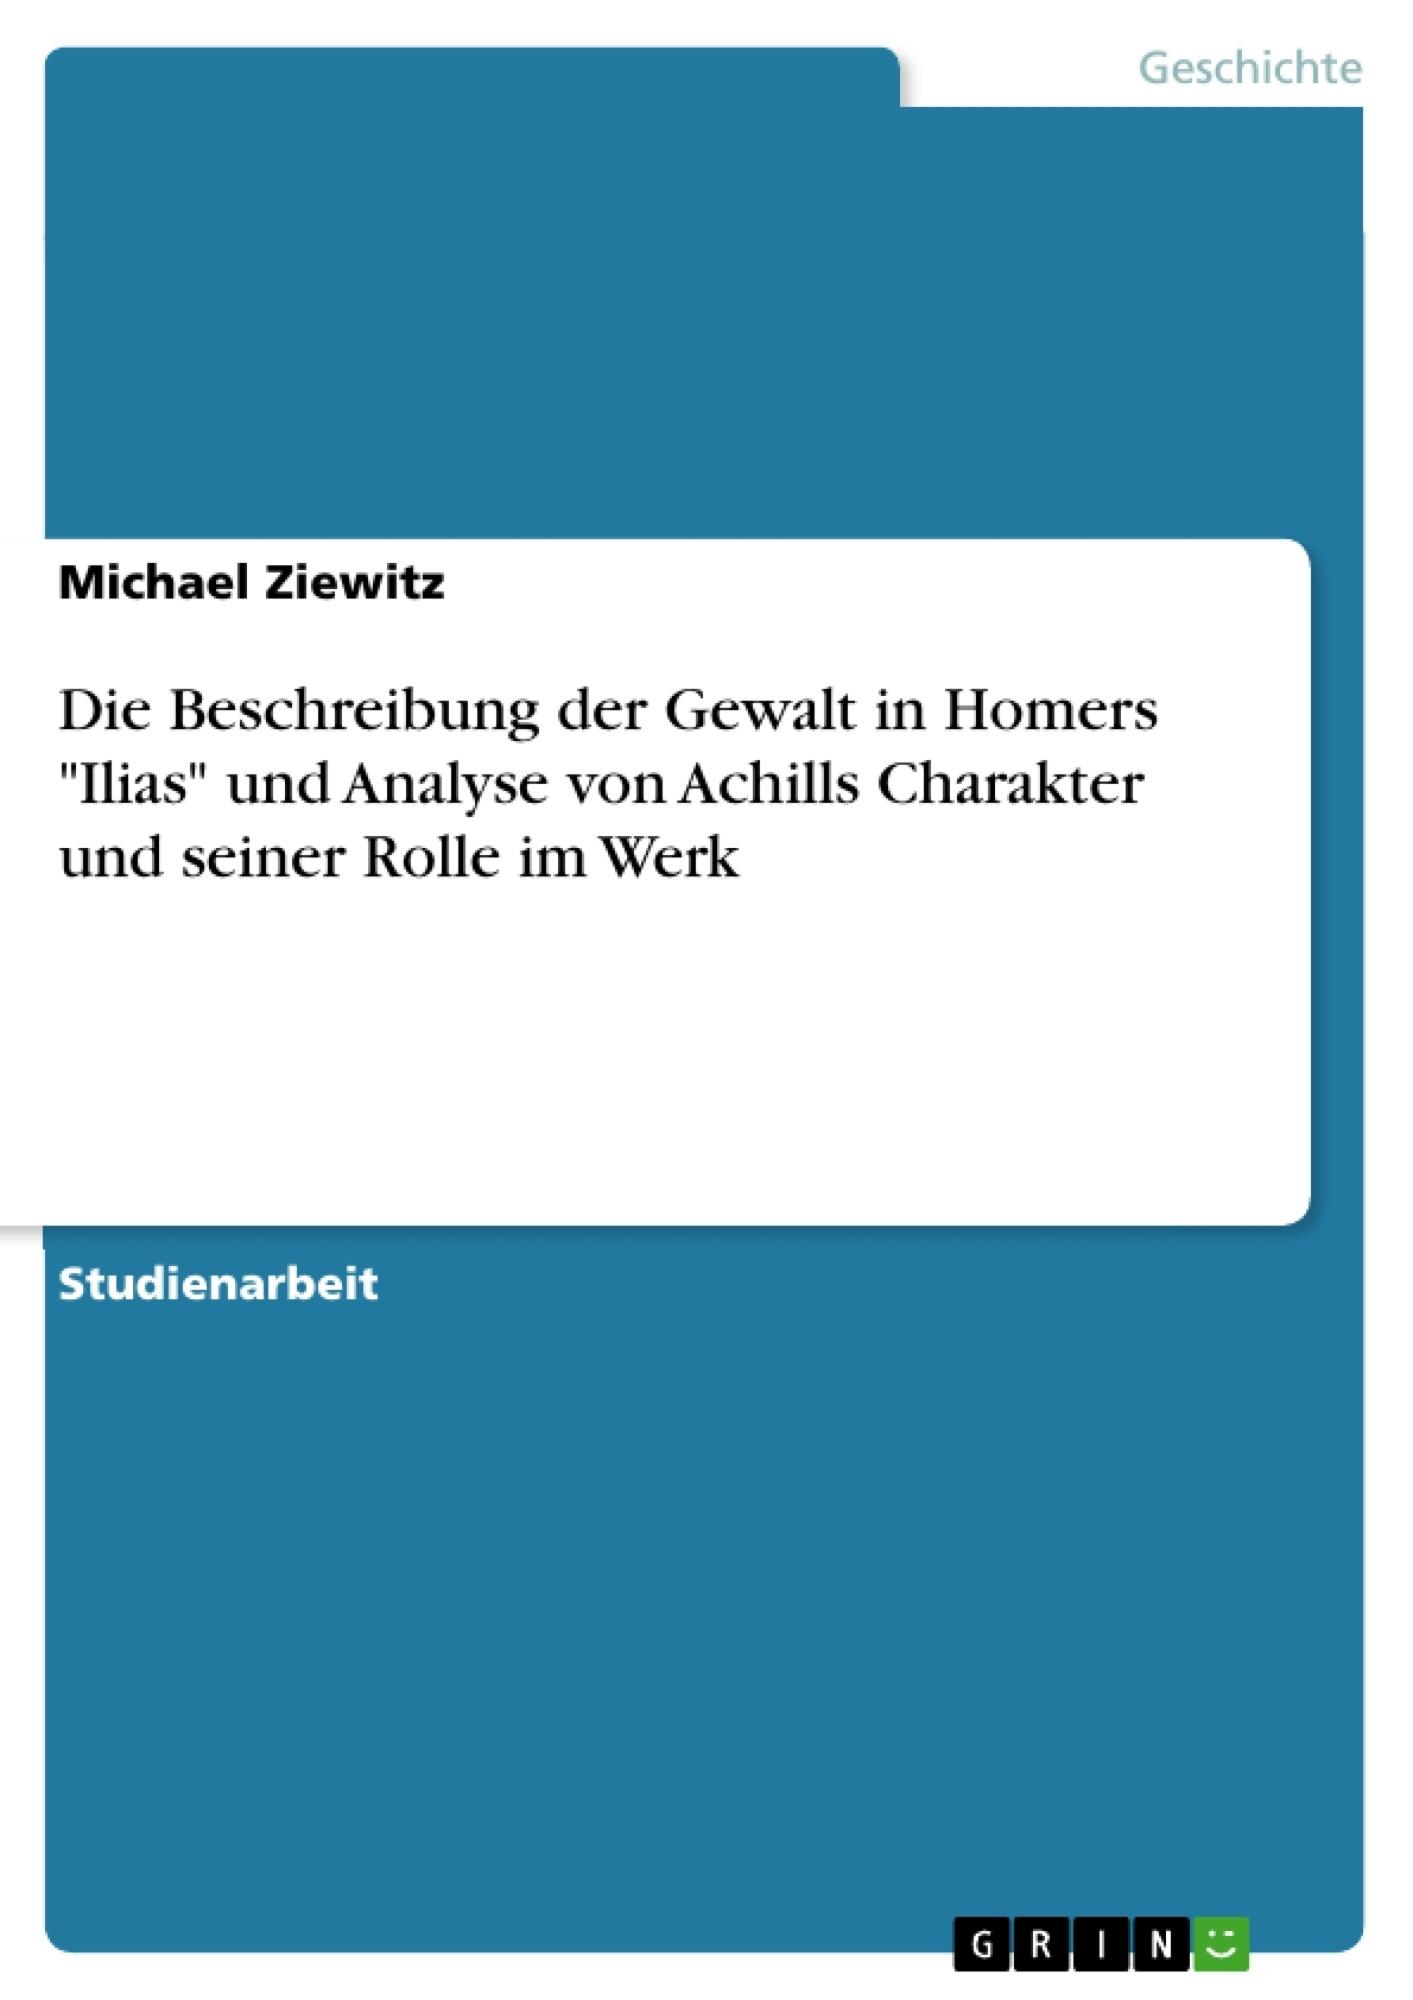 """Titel: Die Beschreibung der Gewalt in Homers """"Ilias"""" und Analyse von Achills Charakter und seiner Rolle im Werk"""